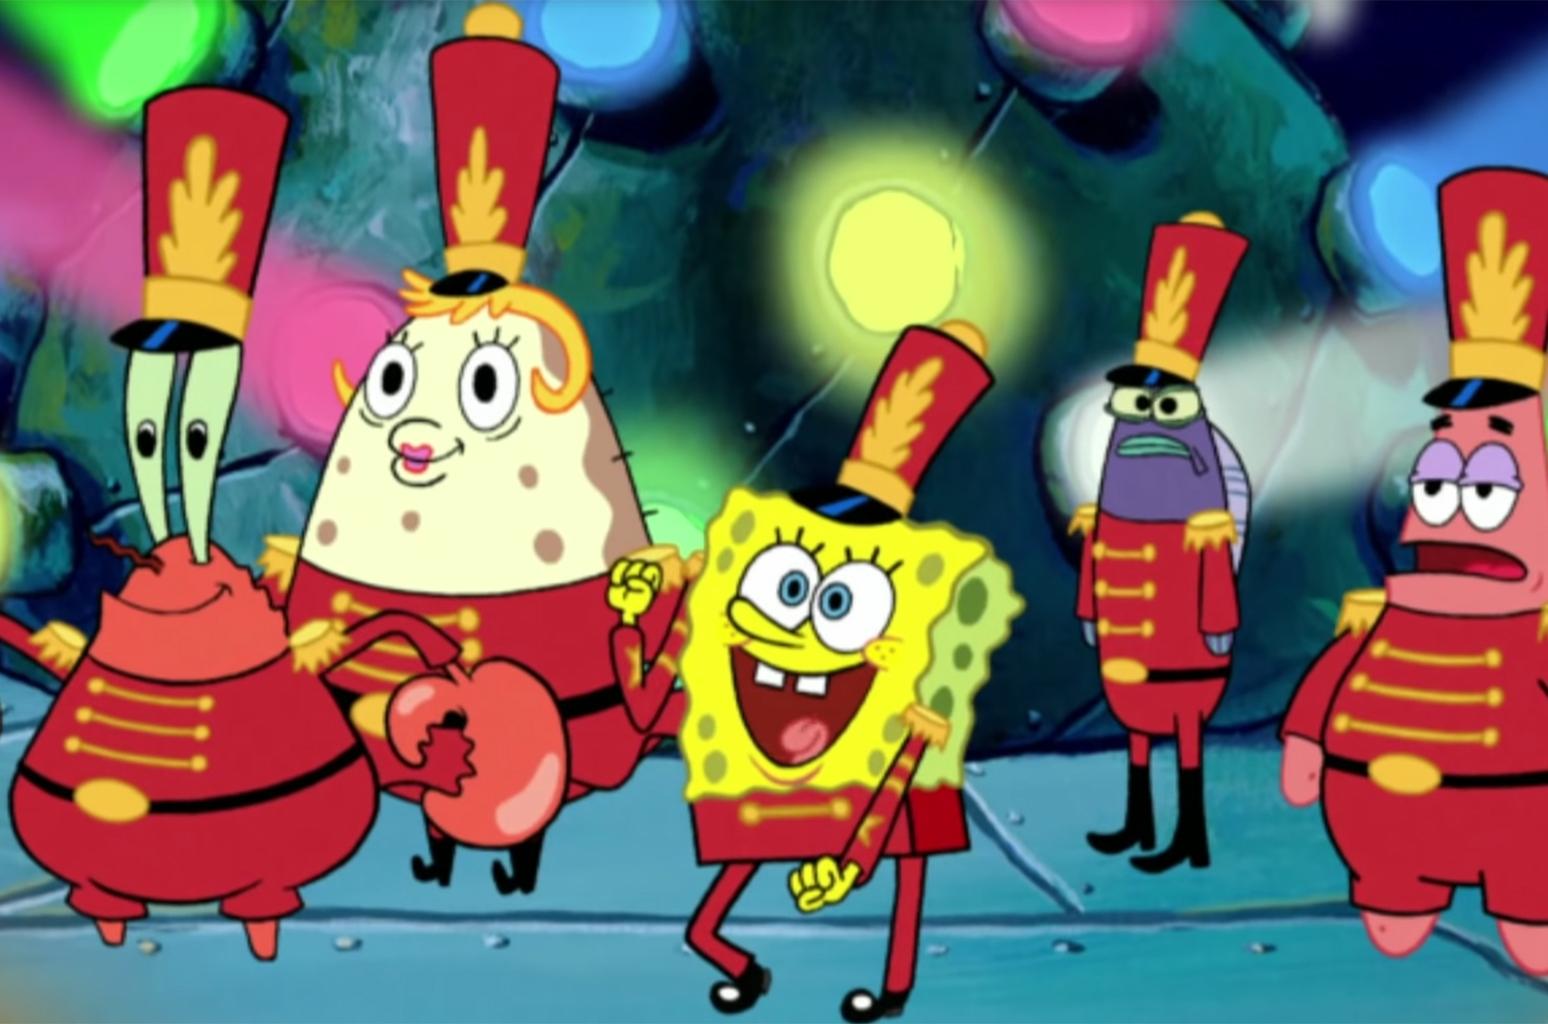 Spongebob Squarepants' 'sweet Victory' Jumps 566% In Streams pertaining to Spongebob Super Bowl Sweet Victory